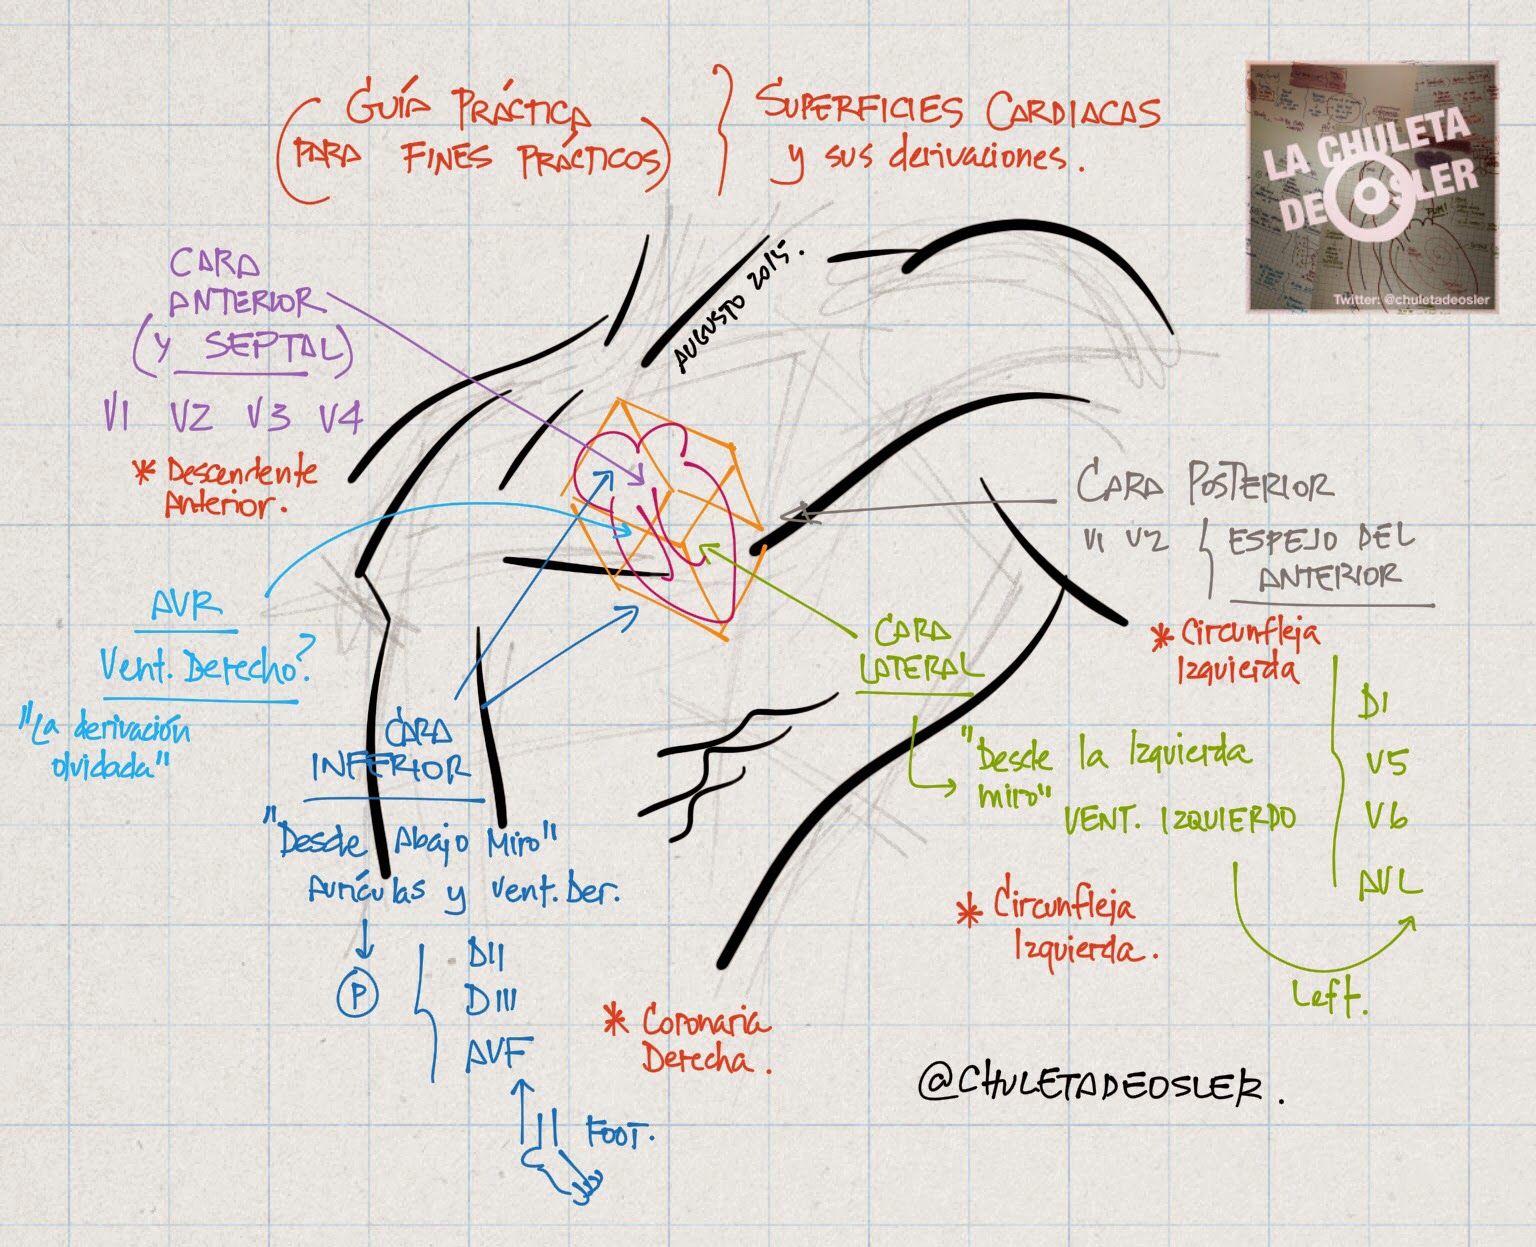 La chuleta de osler cardiologa superficies cardiacas y su la chuleta de osler cardiologa superficies cardiacas y su relacin al ecg urtaz Images